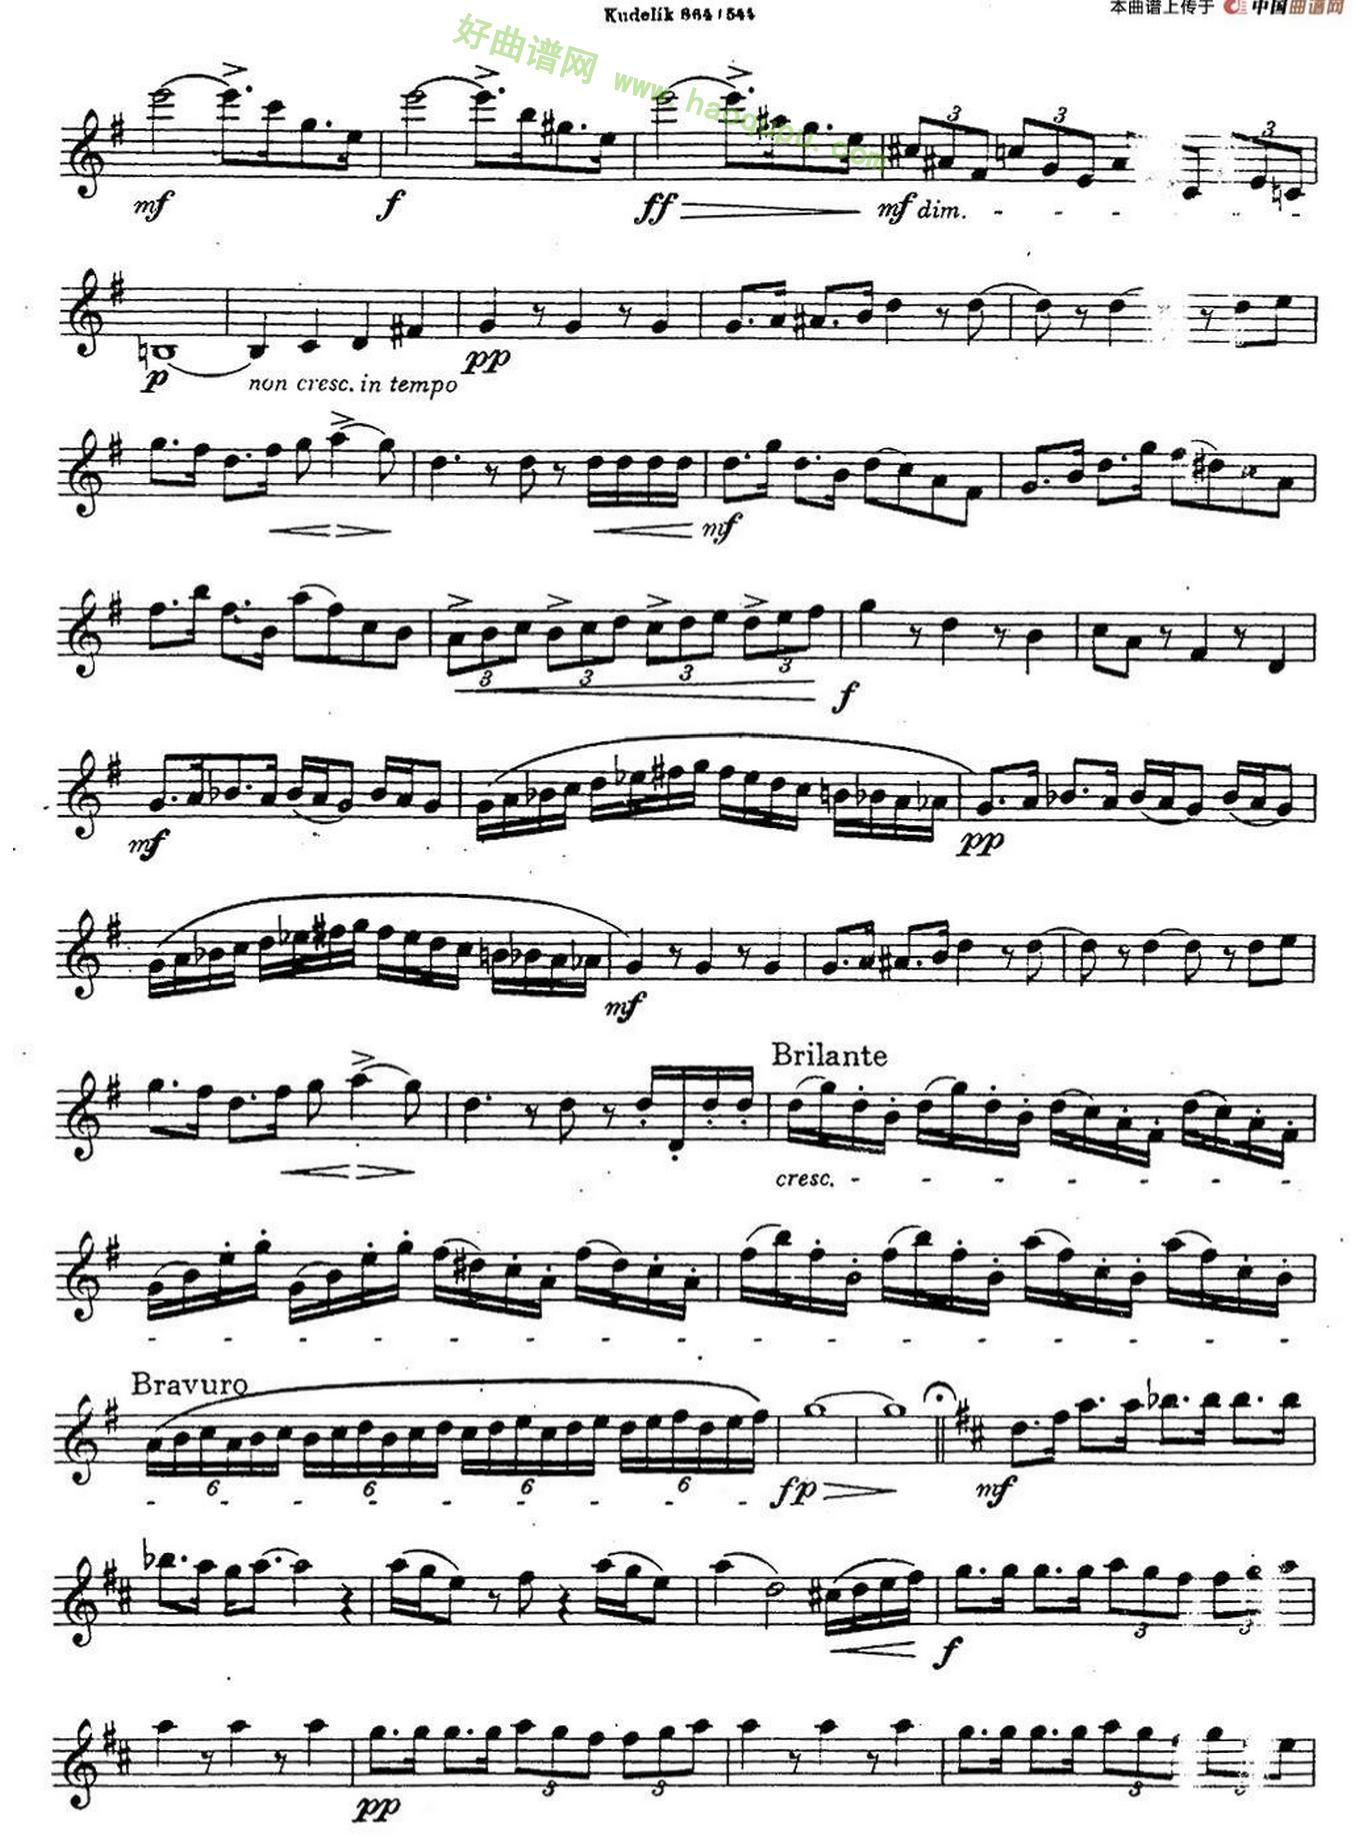 《奇特克萨克斯练习曲之12》萨克斯简谱第2张